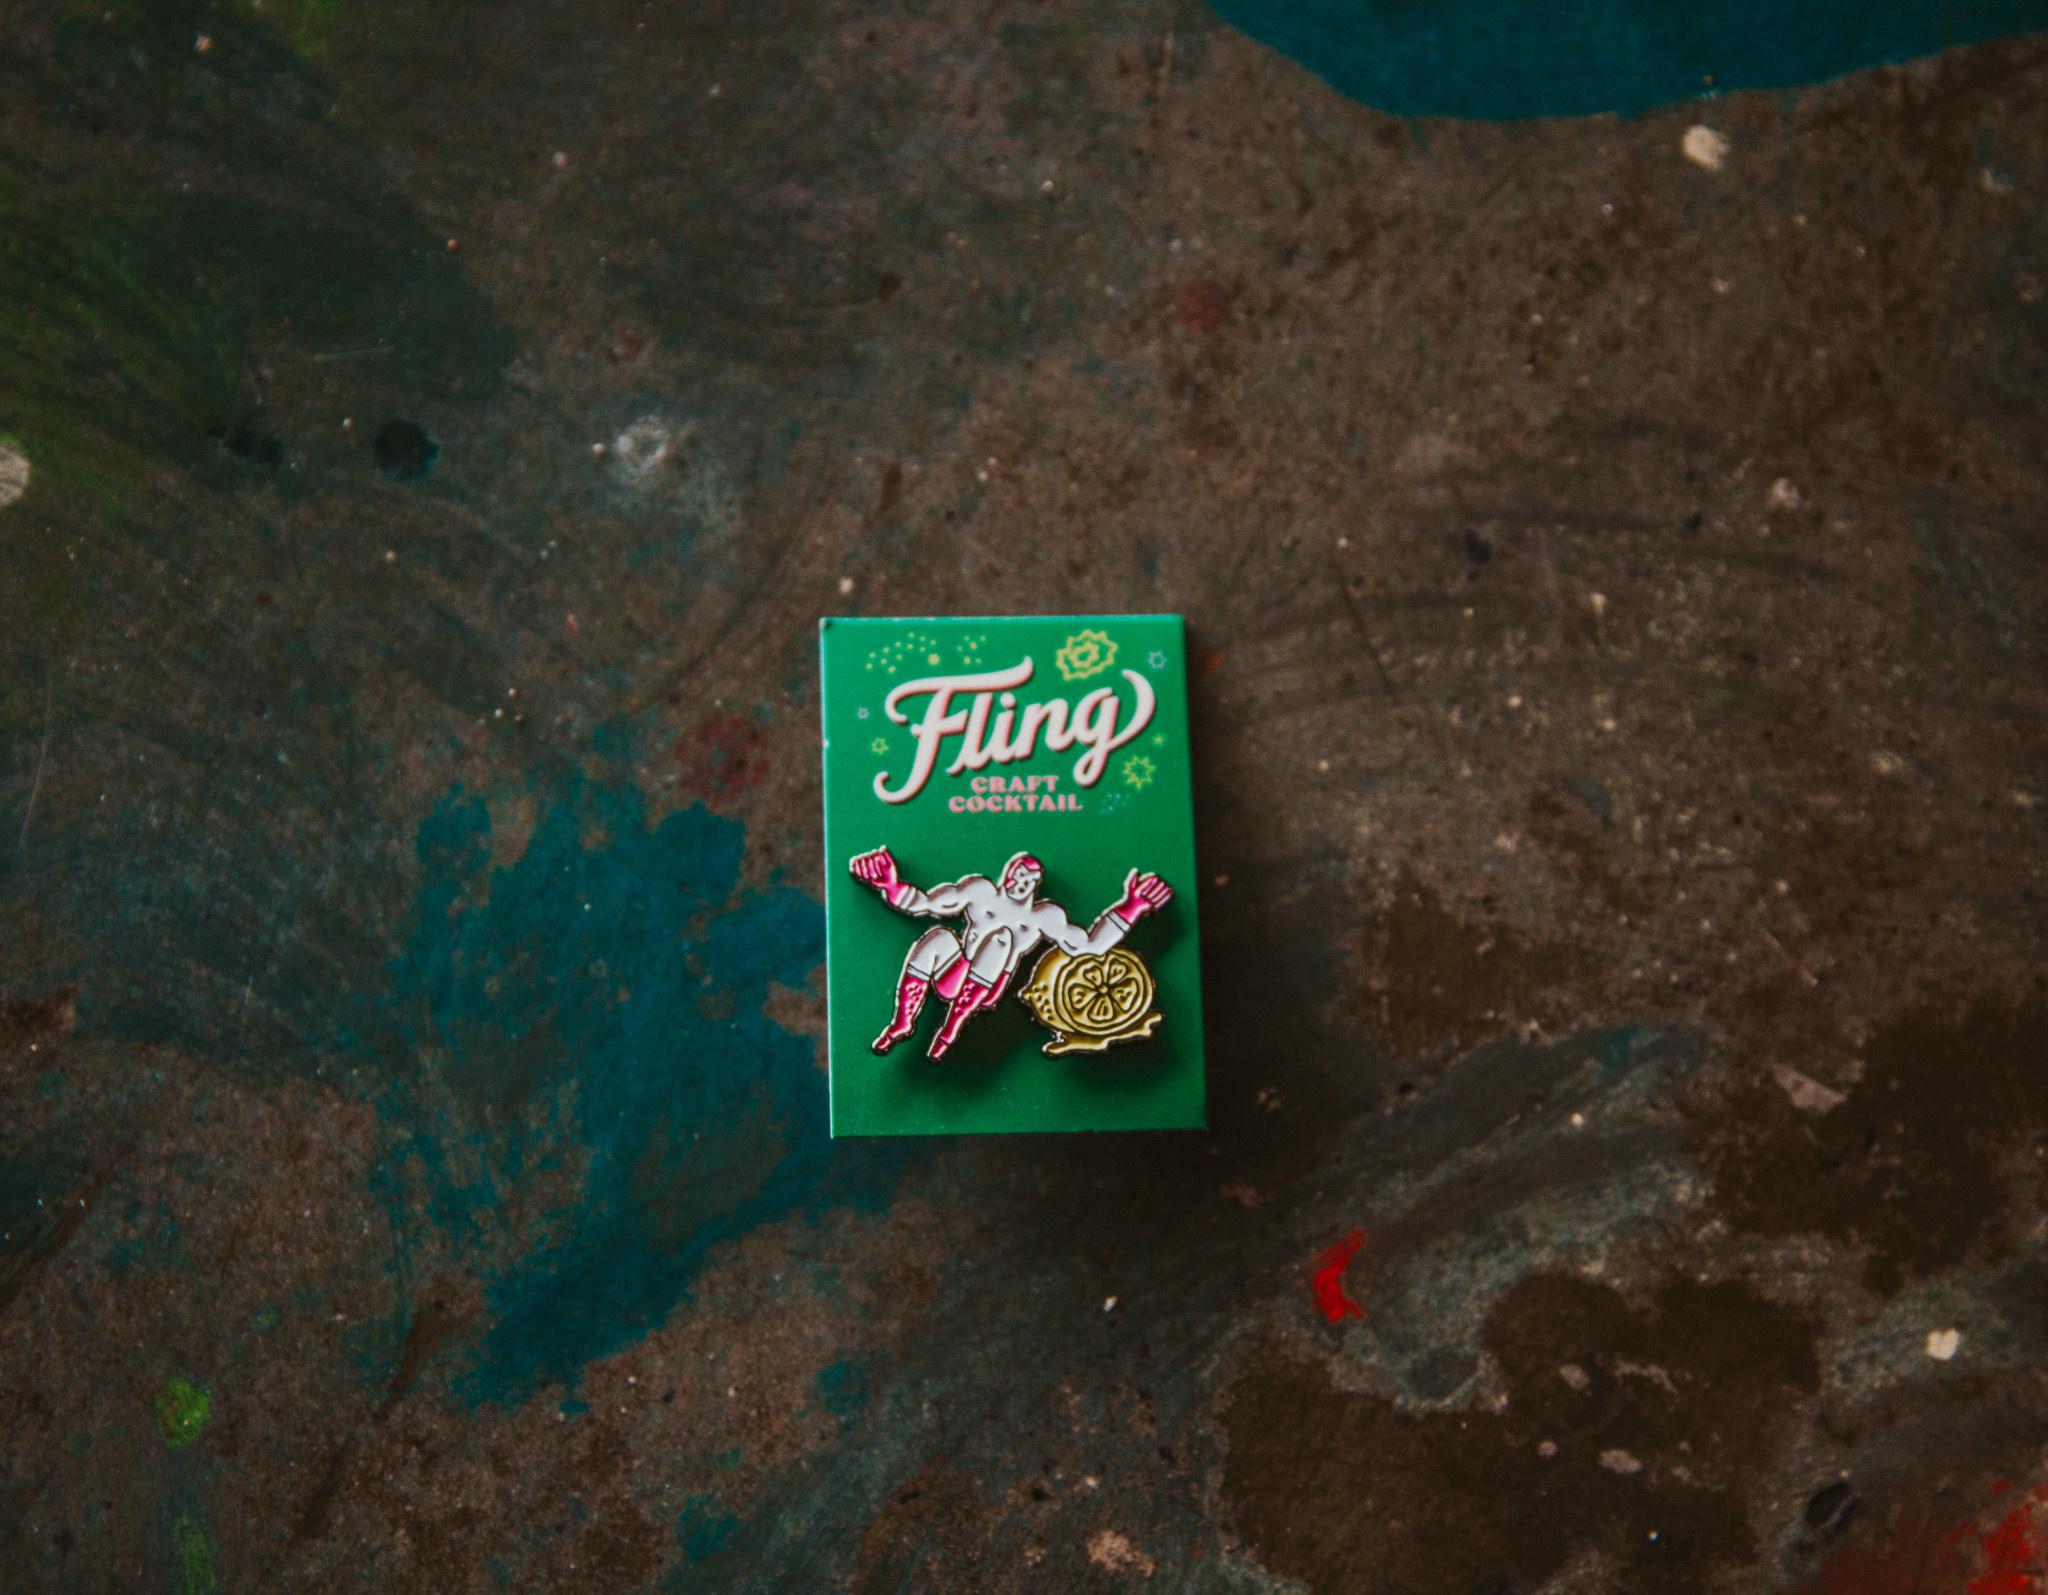 Fling Enamel Pin